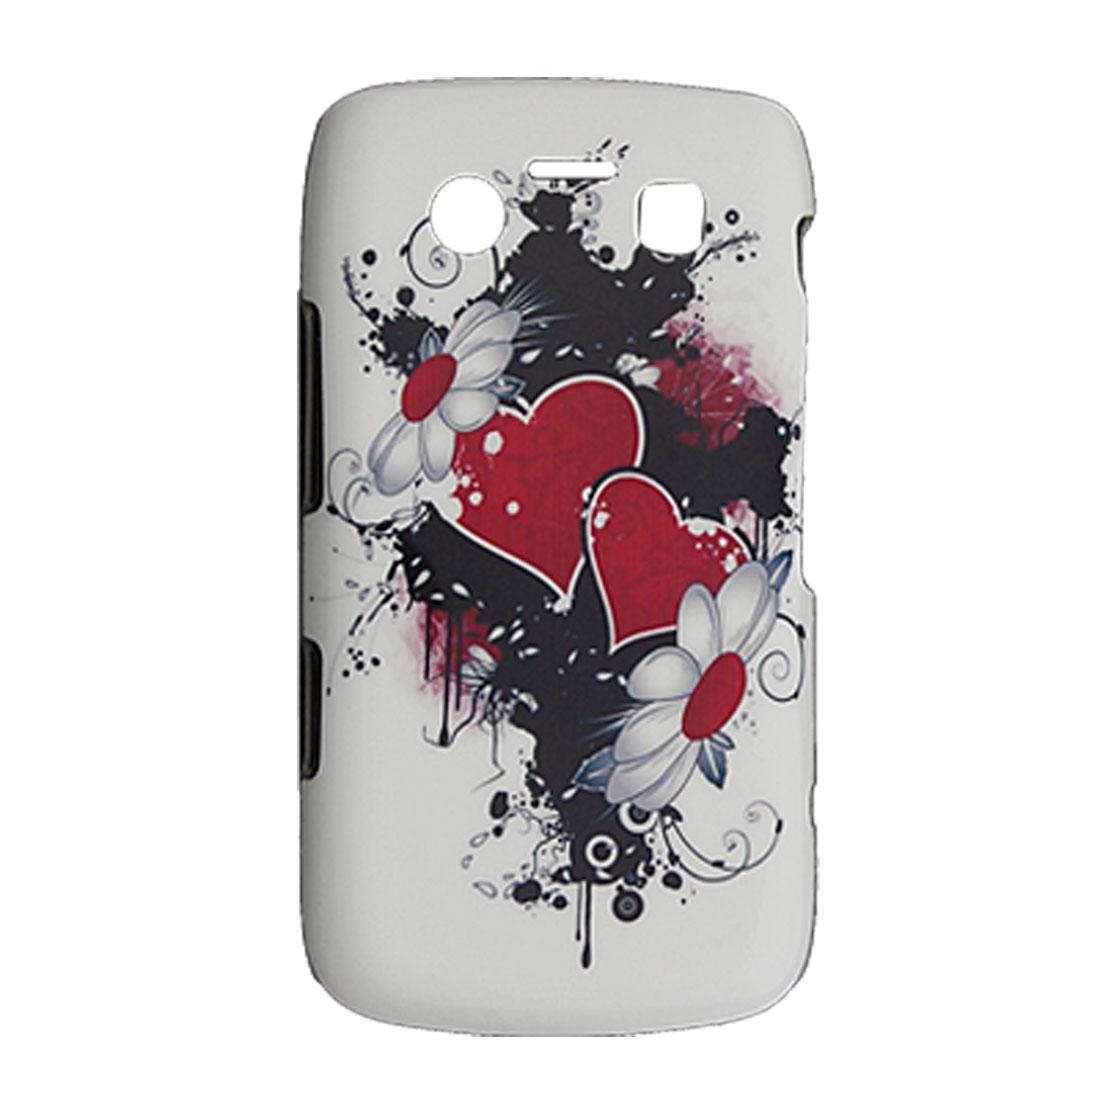 Heart Flower Surface Hard Plastic Back Case for Blackberry 9700